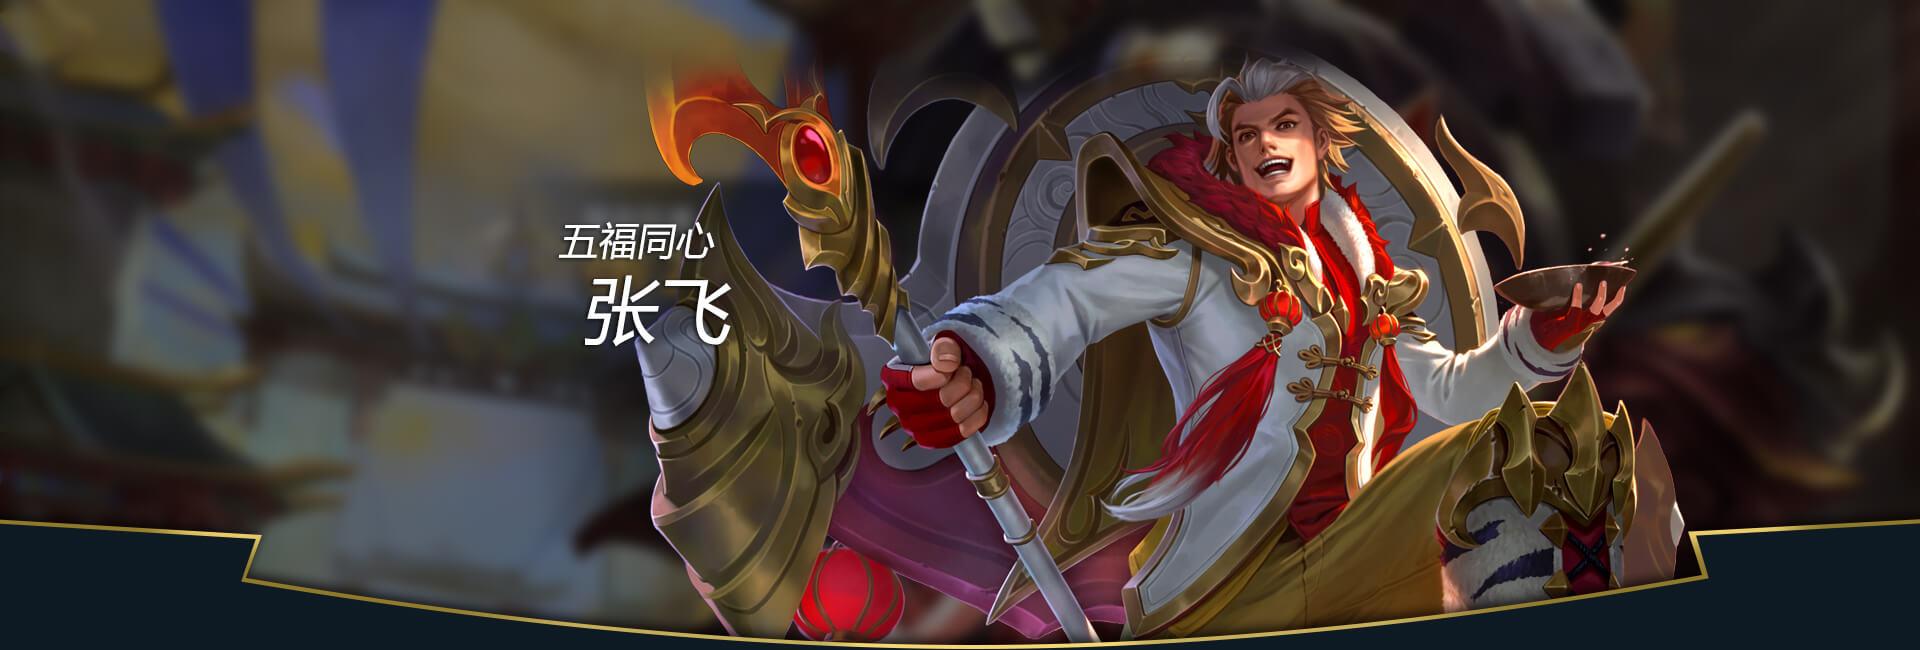 第2弹《王者荣耀英雄皮肤CG》竞技游戏115